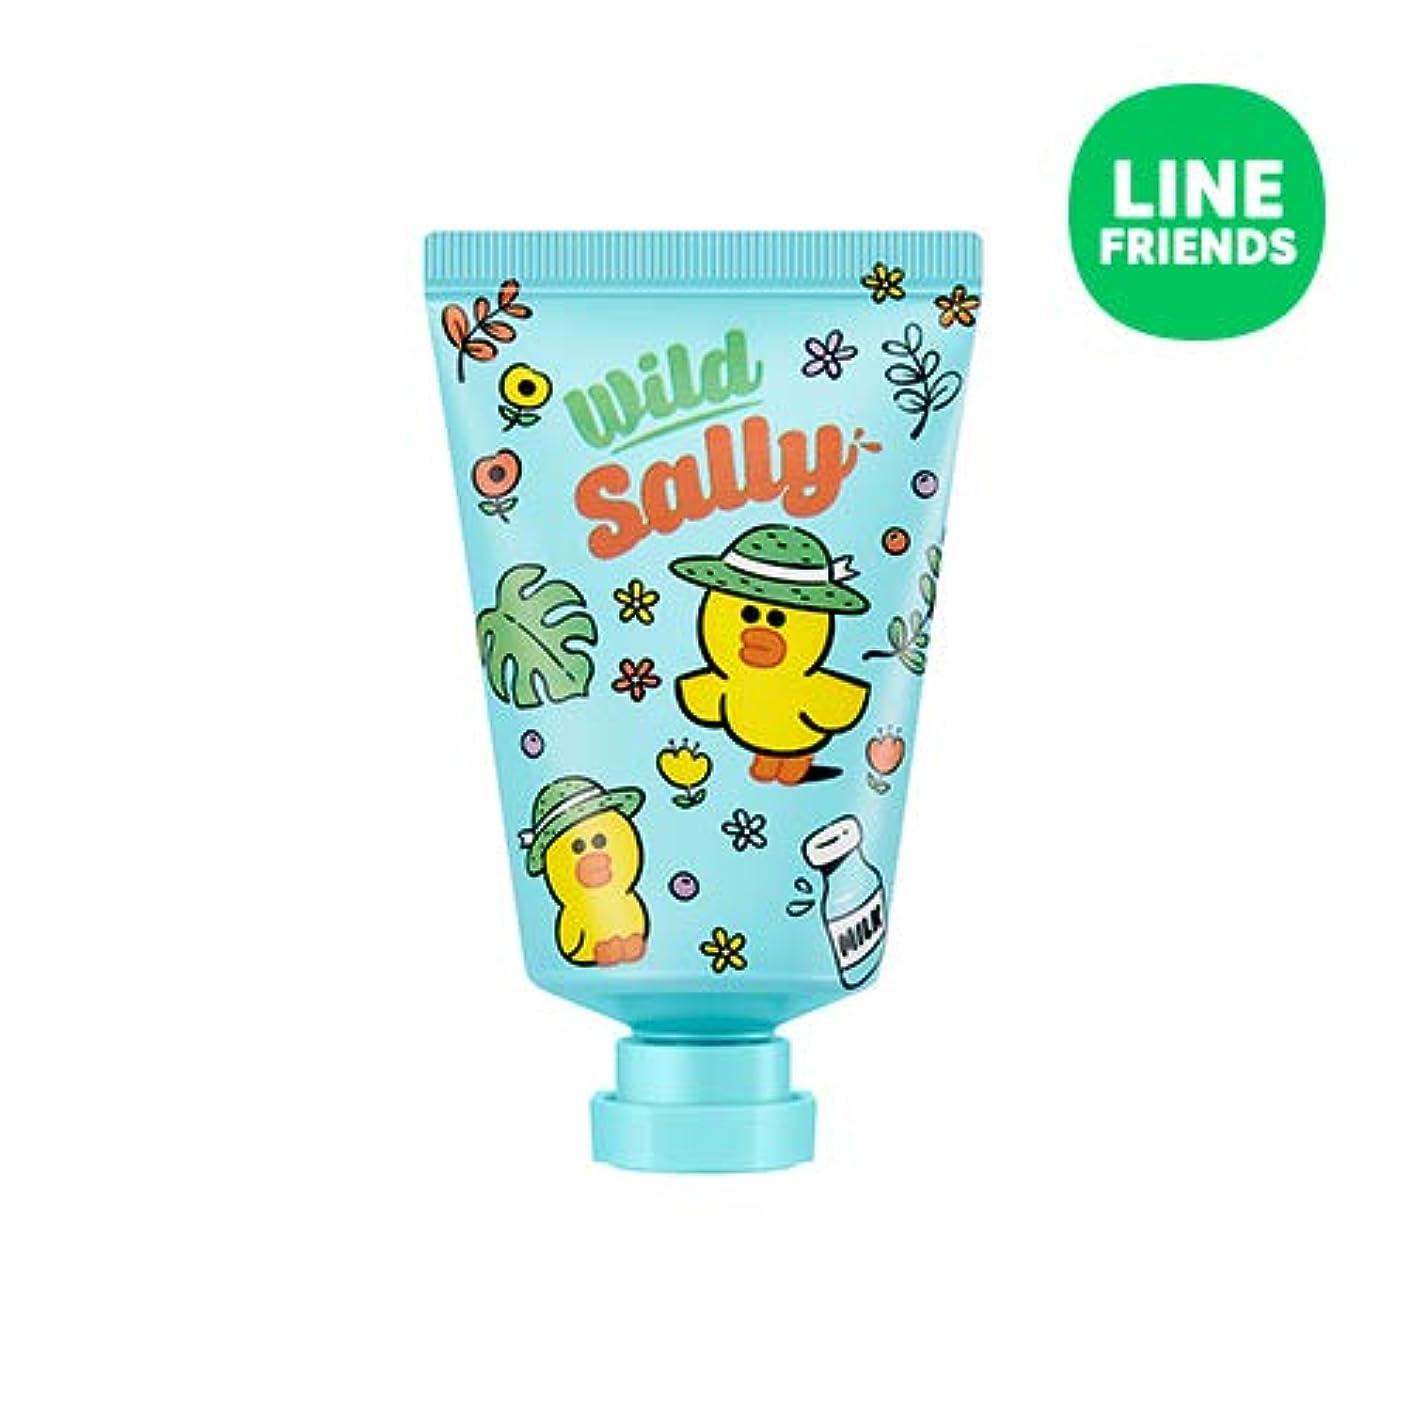 市場引く水族館ミシャ(ラインフレンズ)ラブシークレットハンドクリーム 30ml MISSHA [Line Friends Edition] Love Secret Hand Cream - Sally # Cotton White [...